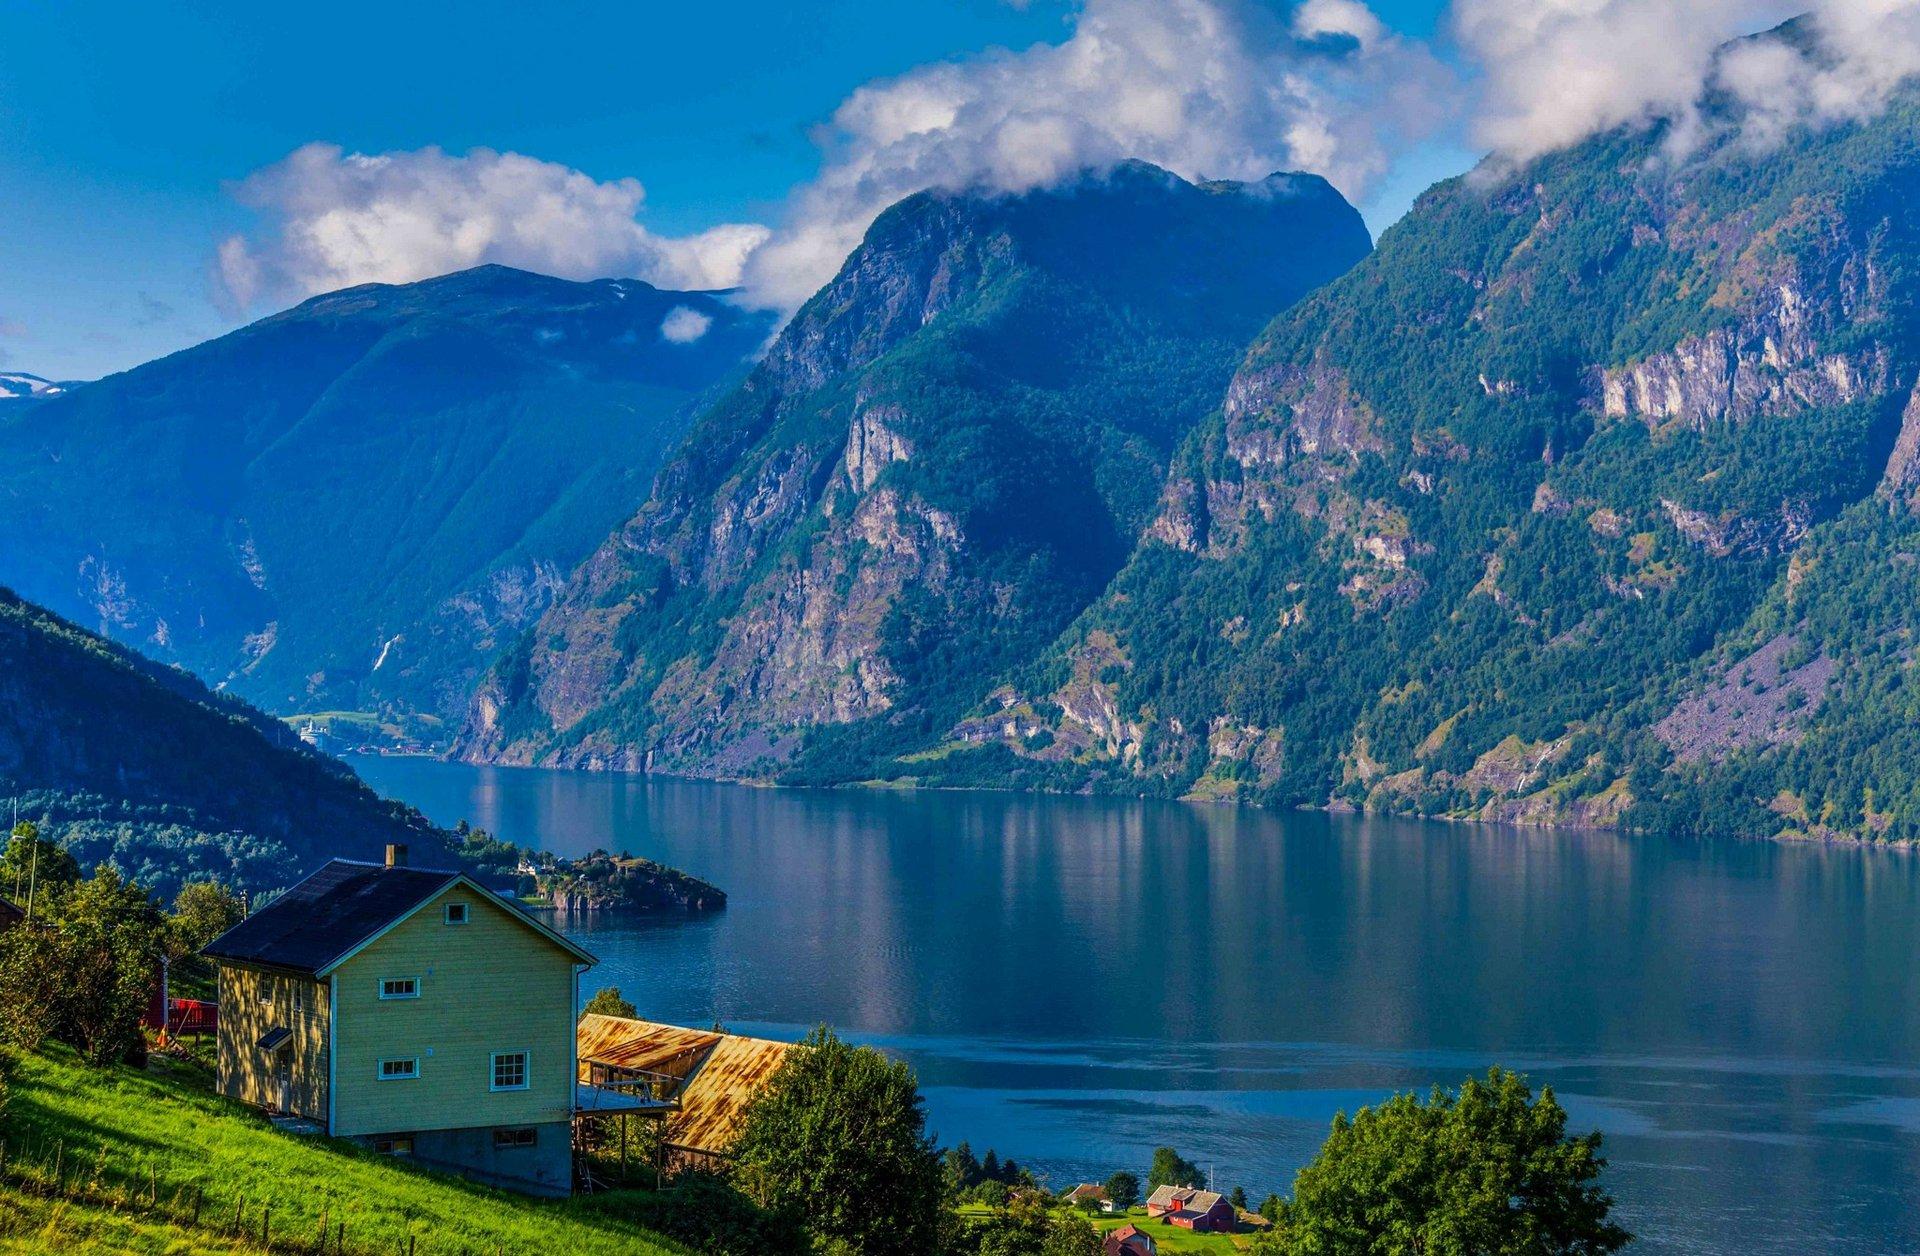 дома озеро горы без смс